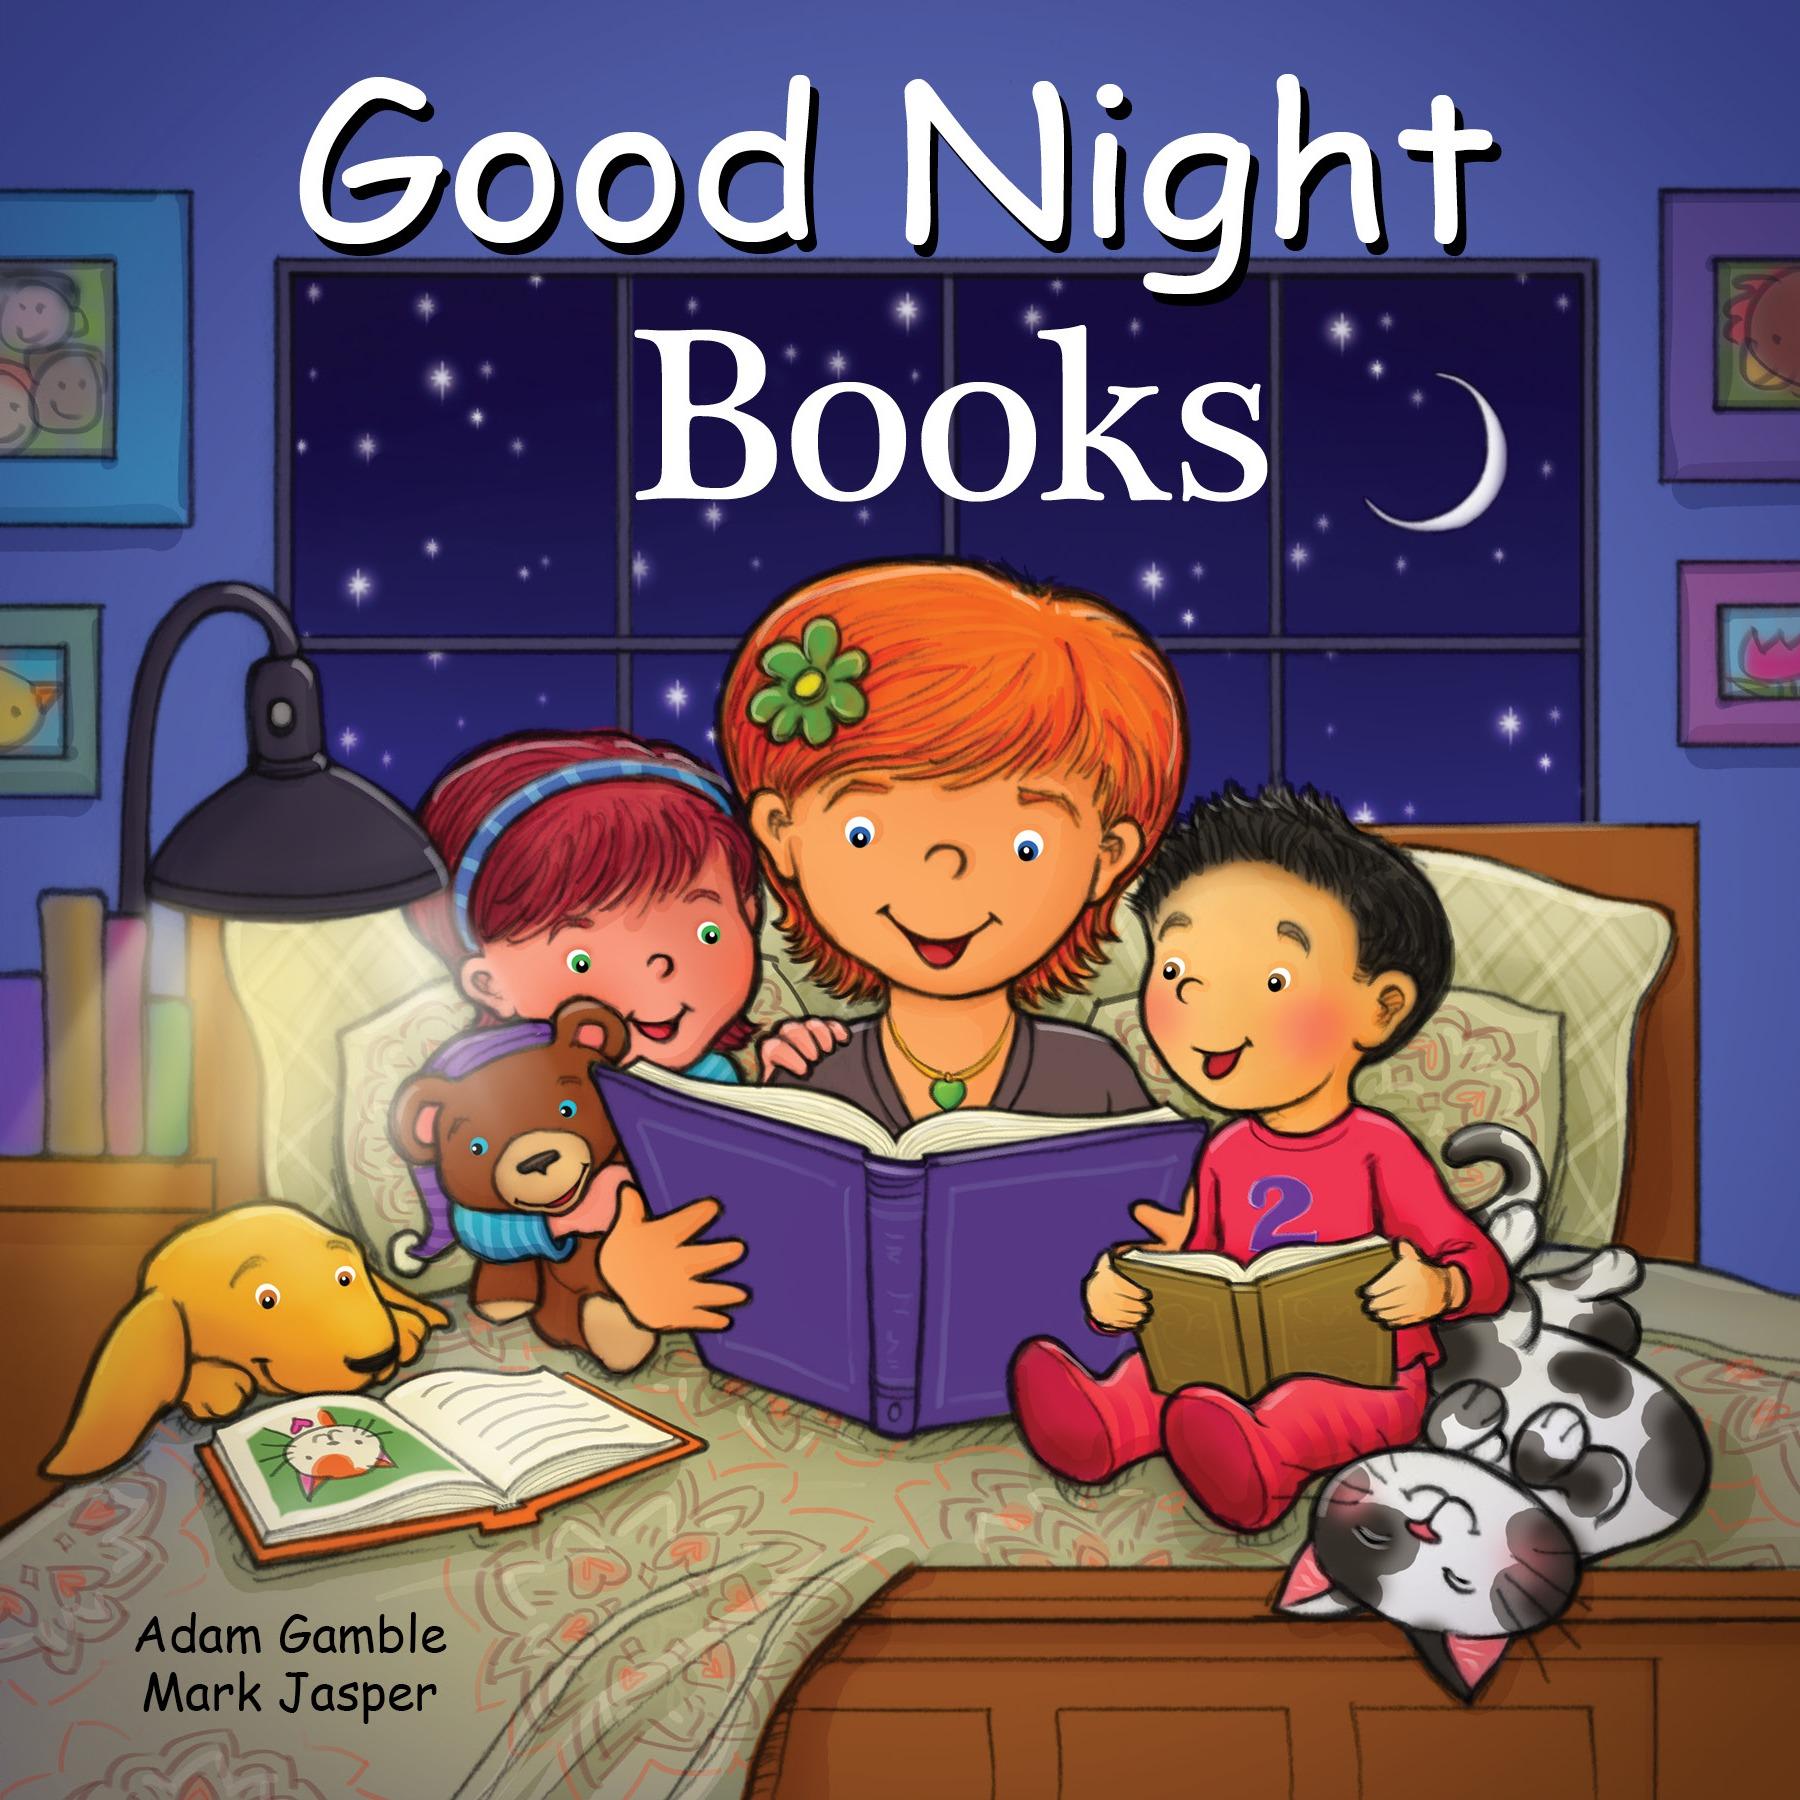 Good Night Books (Board Book)